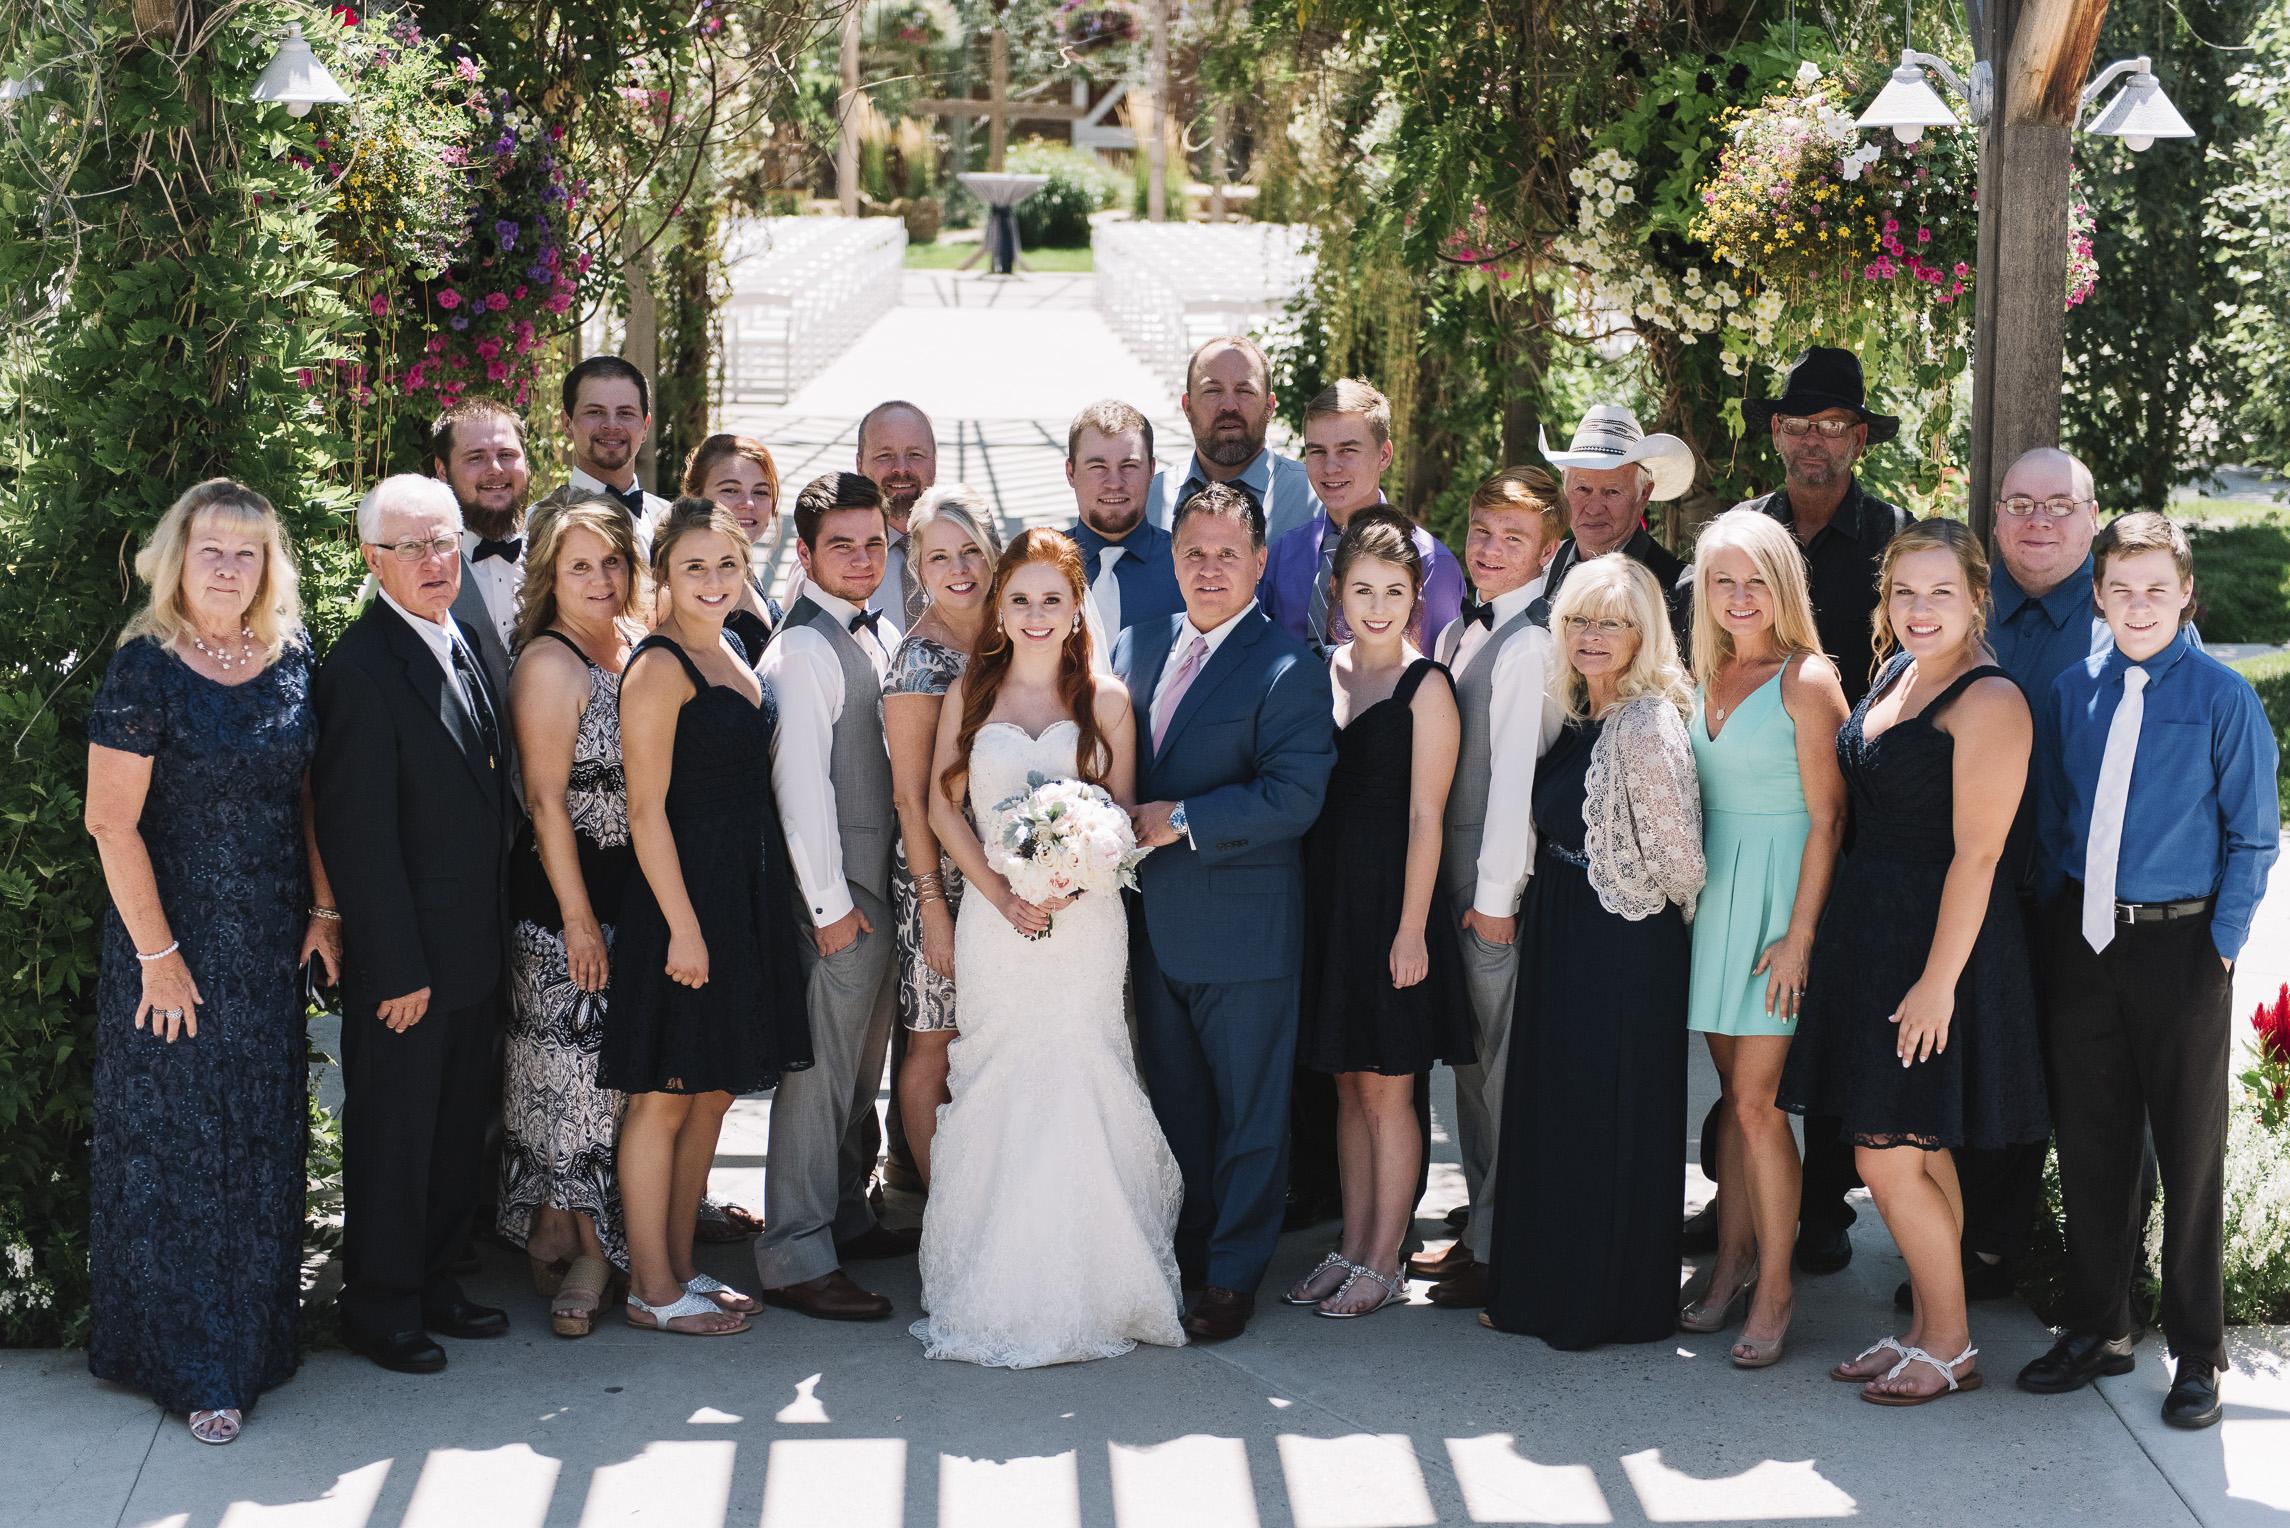 web sized images -- no to print --CALVIN & MCKYLEY WEDDING PHOTOS - COLORADO PHOTOGRAPHER - DEBI RAE PHOTOGRAPHY-453.jpg